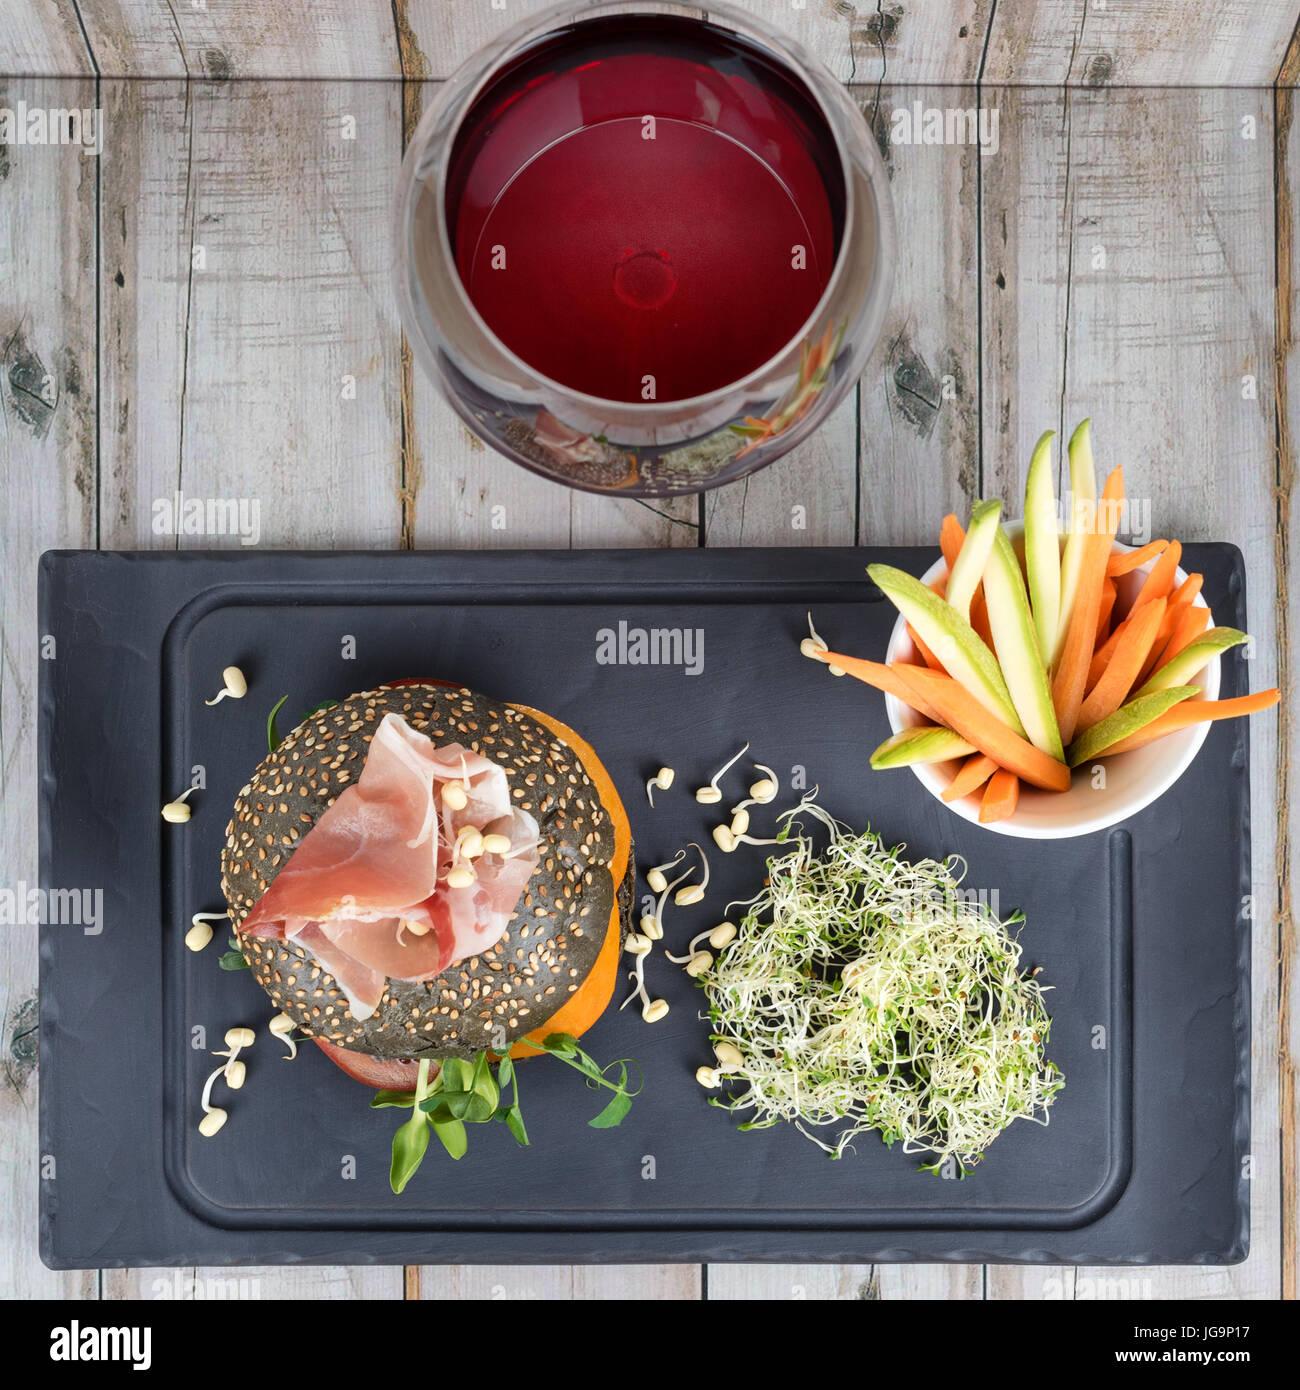 Gesunde Burger mit Hamon, Tomaten, Mikro grünen und schwarzen Vollkorn Brötchen, Gemüsesticks und Stockbild